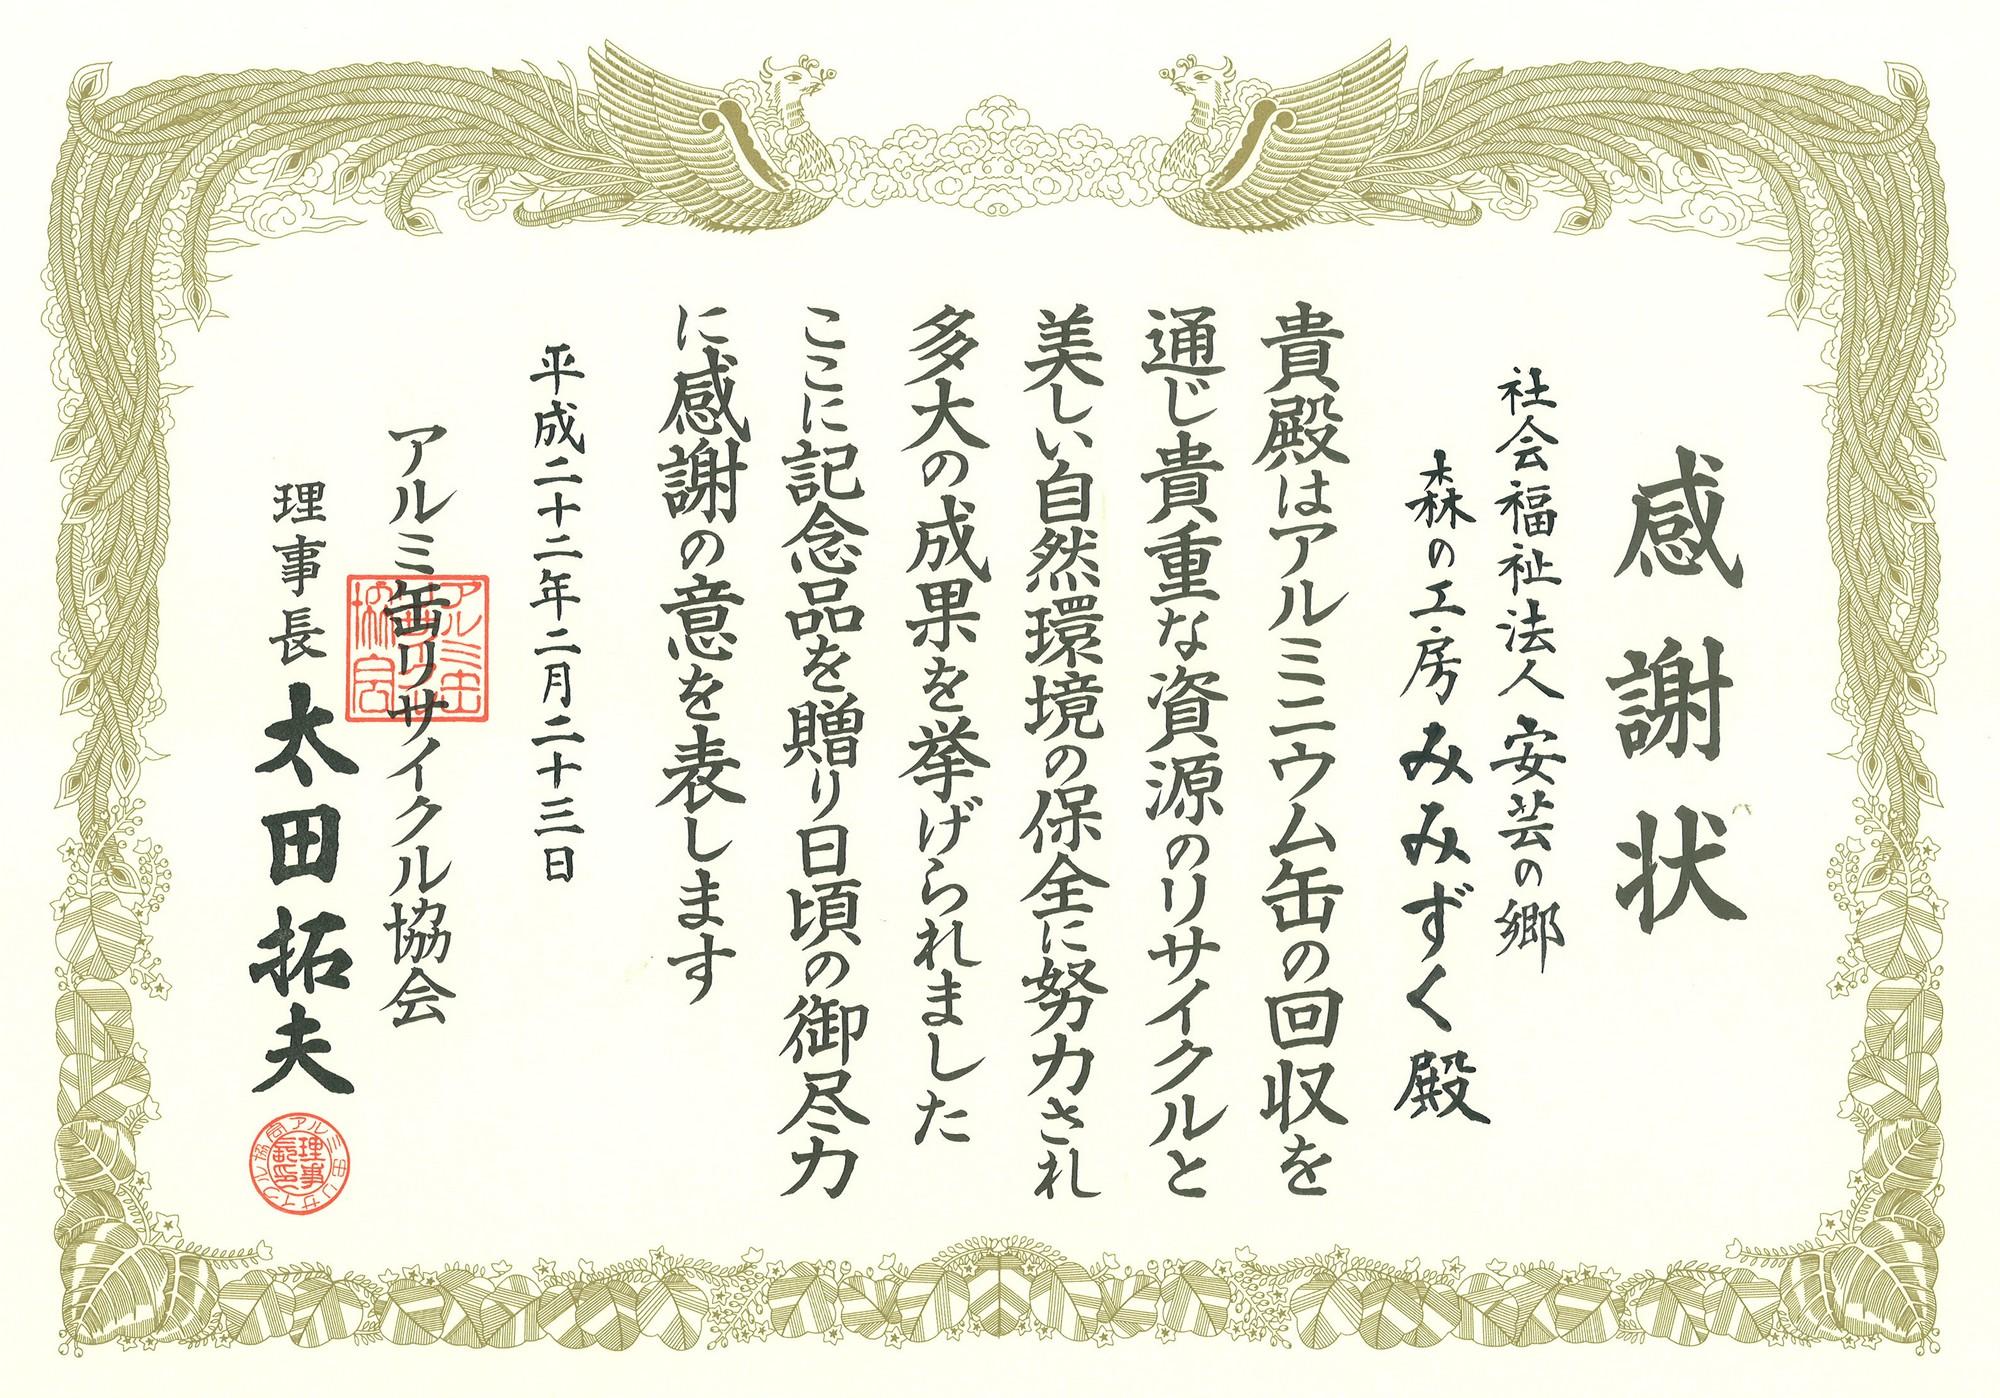 すべての講義 2015 テンプレート : 感謝状 (かんしゃじょう ...